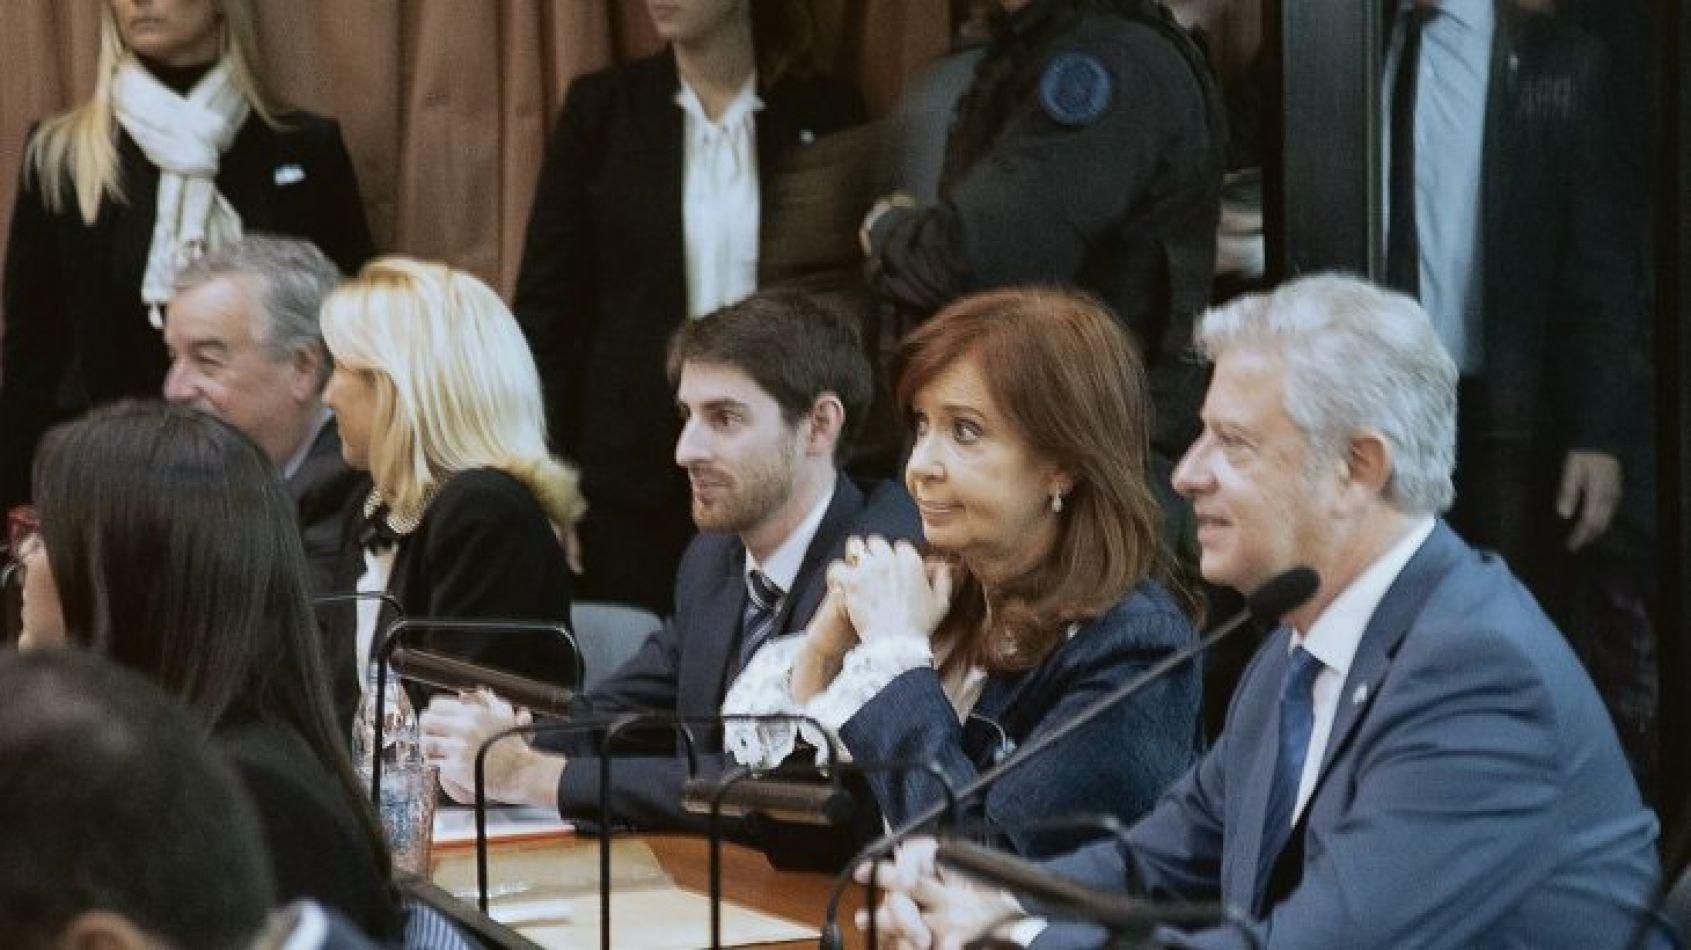 Rechazan trasmitir en vivo la declaración de Cristina en el juicio por obra pública